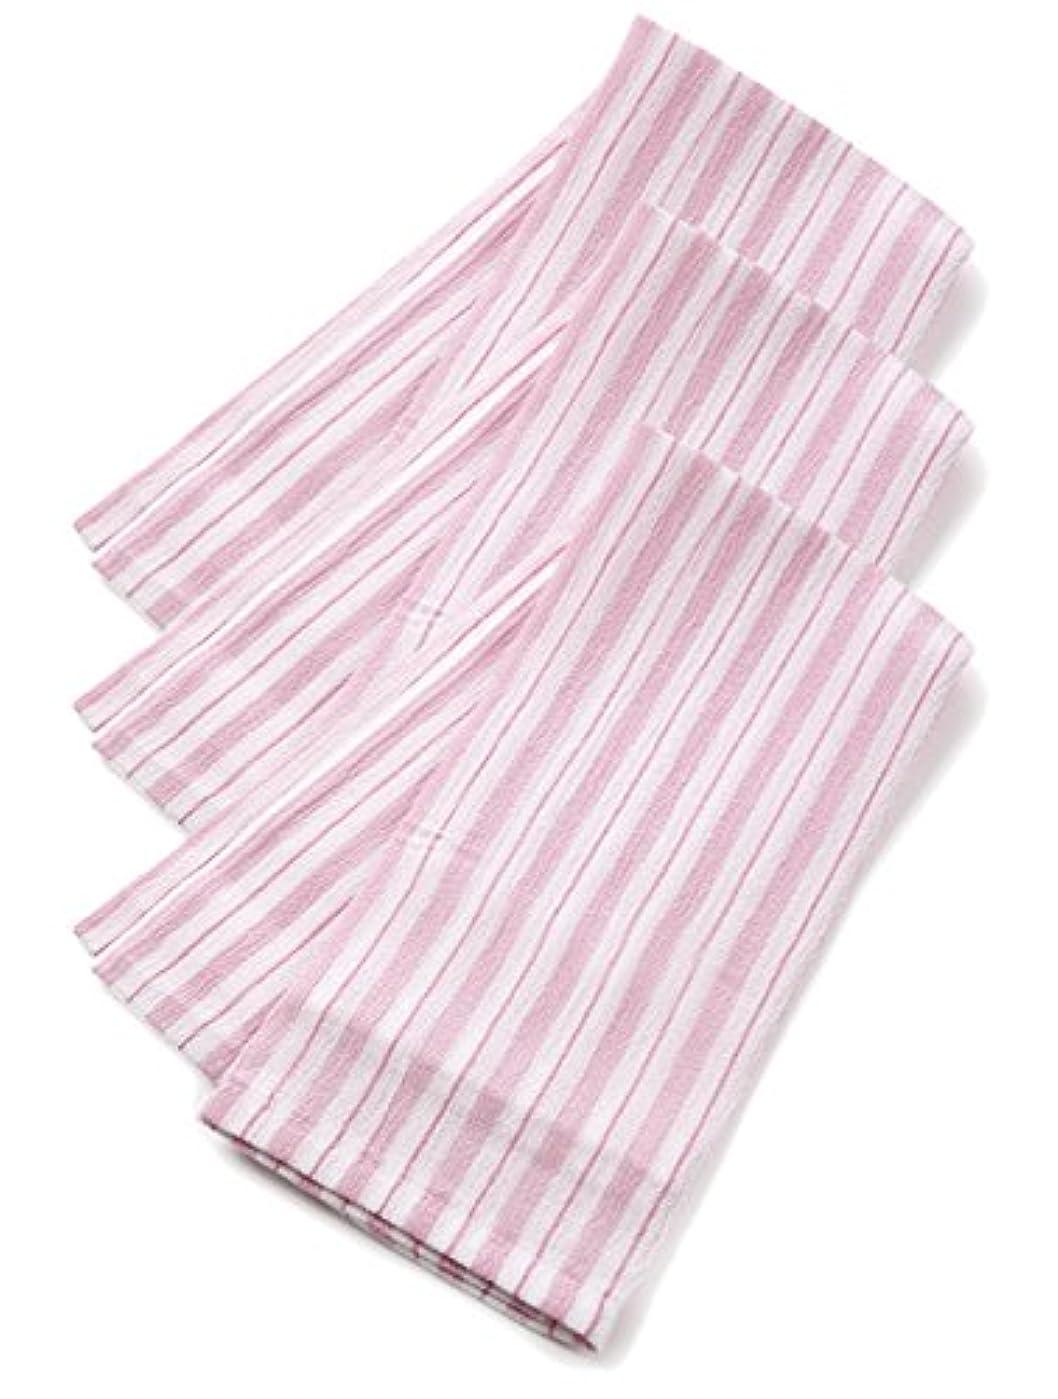 ベーリング海峡信頼性カウボーイくーる&ほっと 昔ながらのレーヨンあかすり 日本製(群馬県で製造) 長尺 3枚組 (ピンク)